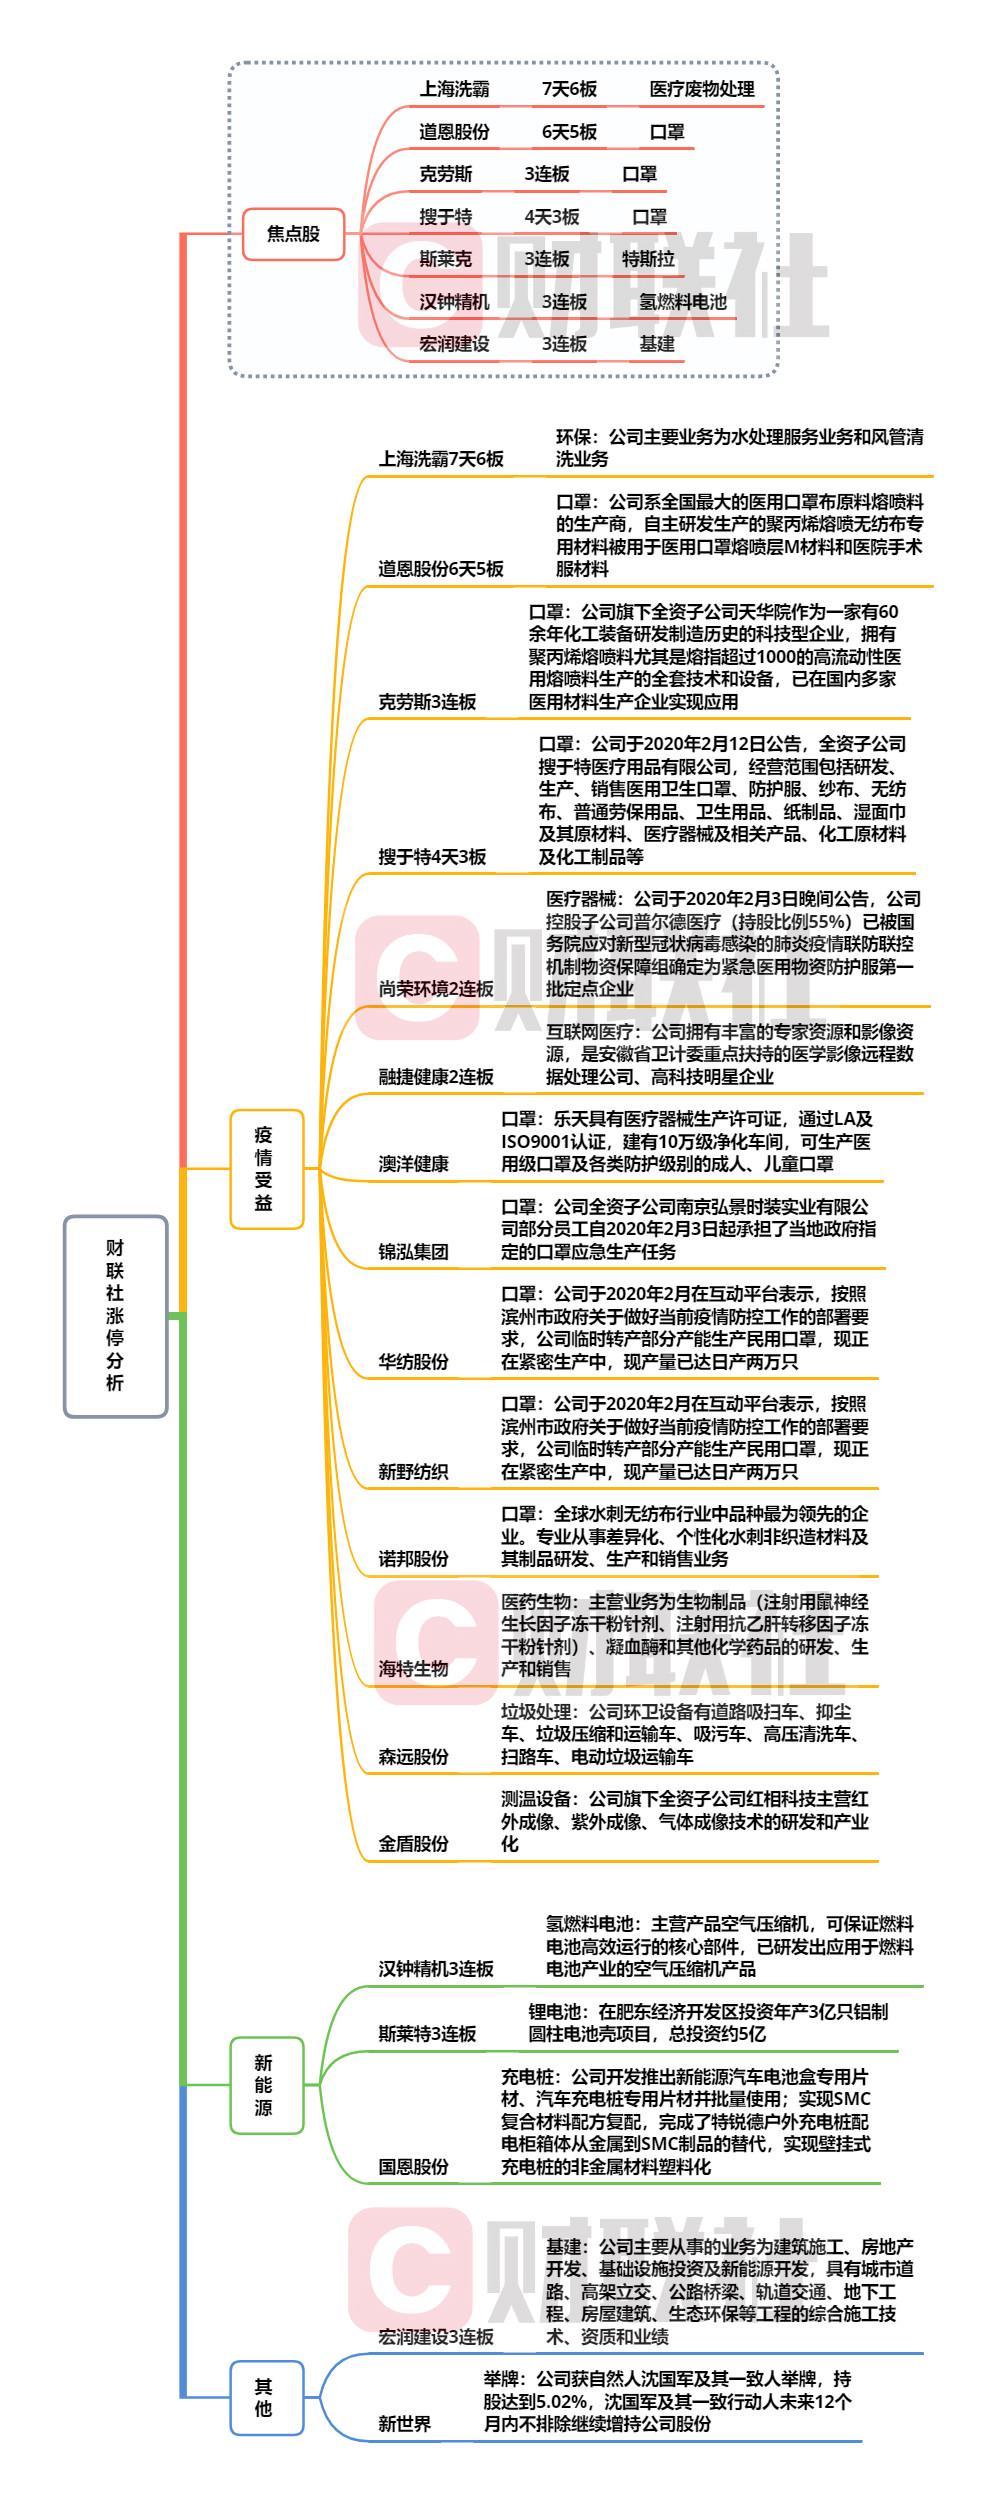 【财联社午报】创业板指跌超5%  科技股延续弱势